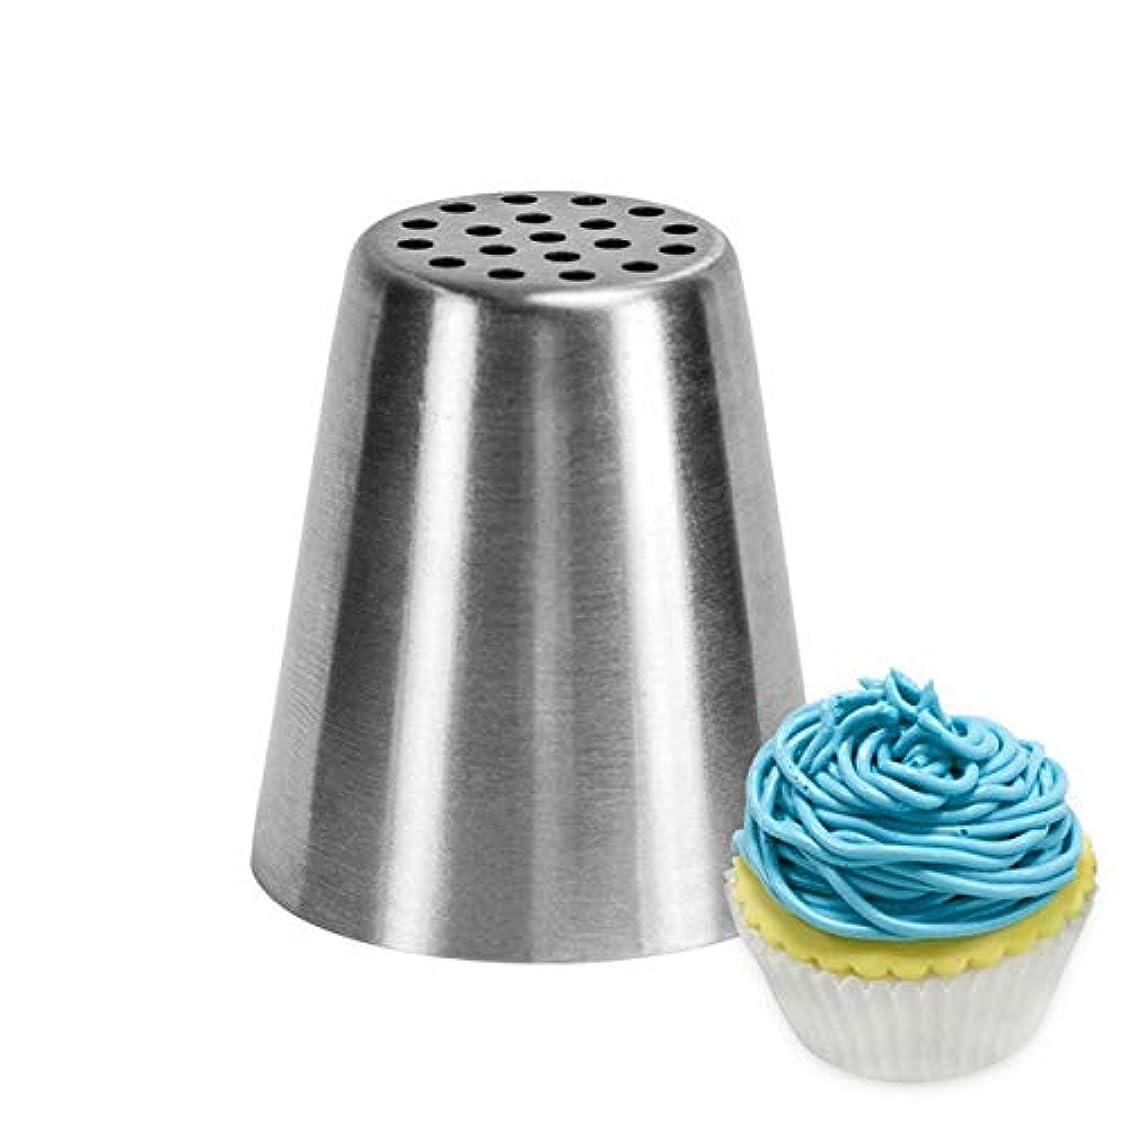 車鼻のためにTTLIFE 1個ステンレス鋼ロシアンクリームアイシング配管ノズルペストリーのヒントFondant Cake装飾用ベーキングツール:602